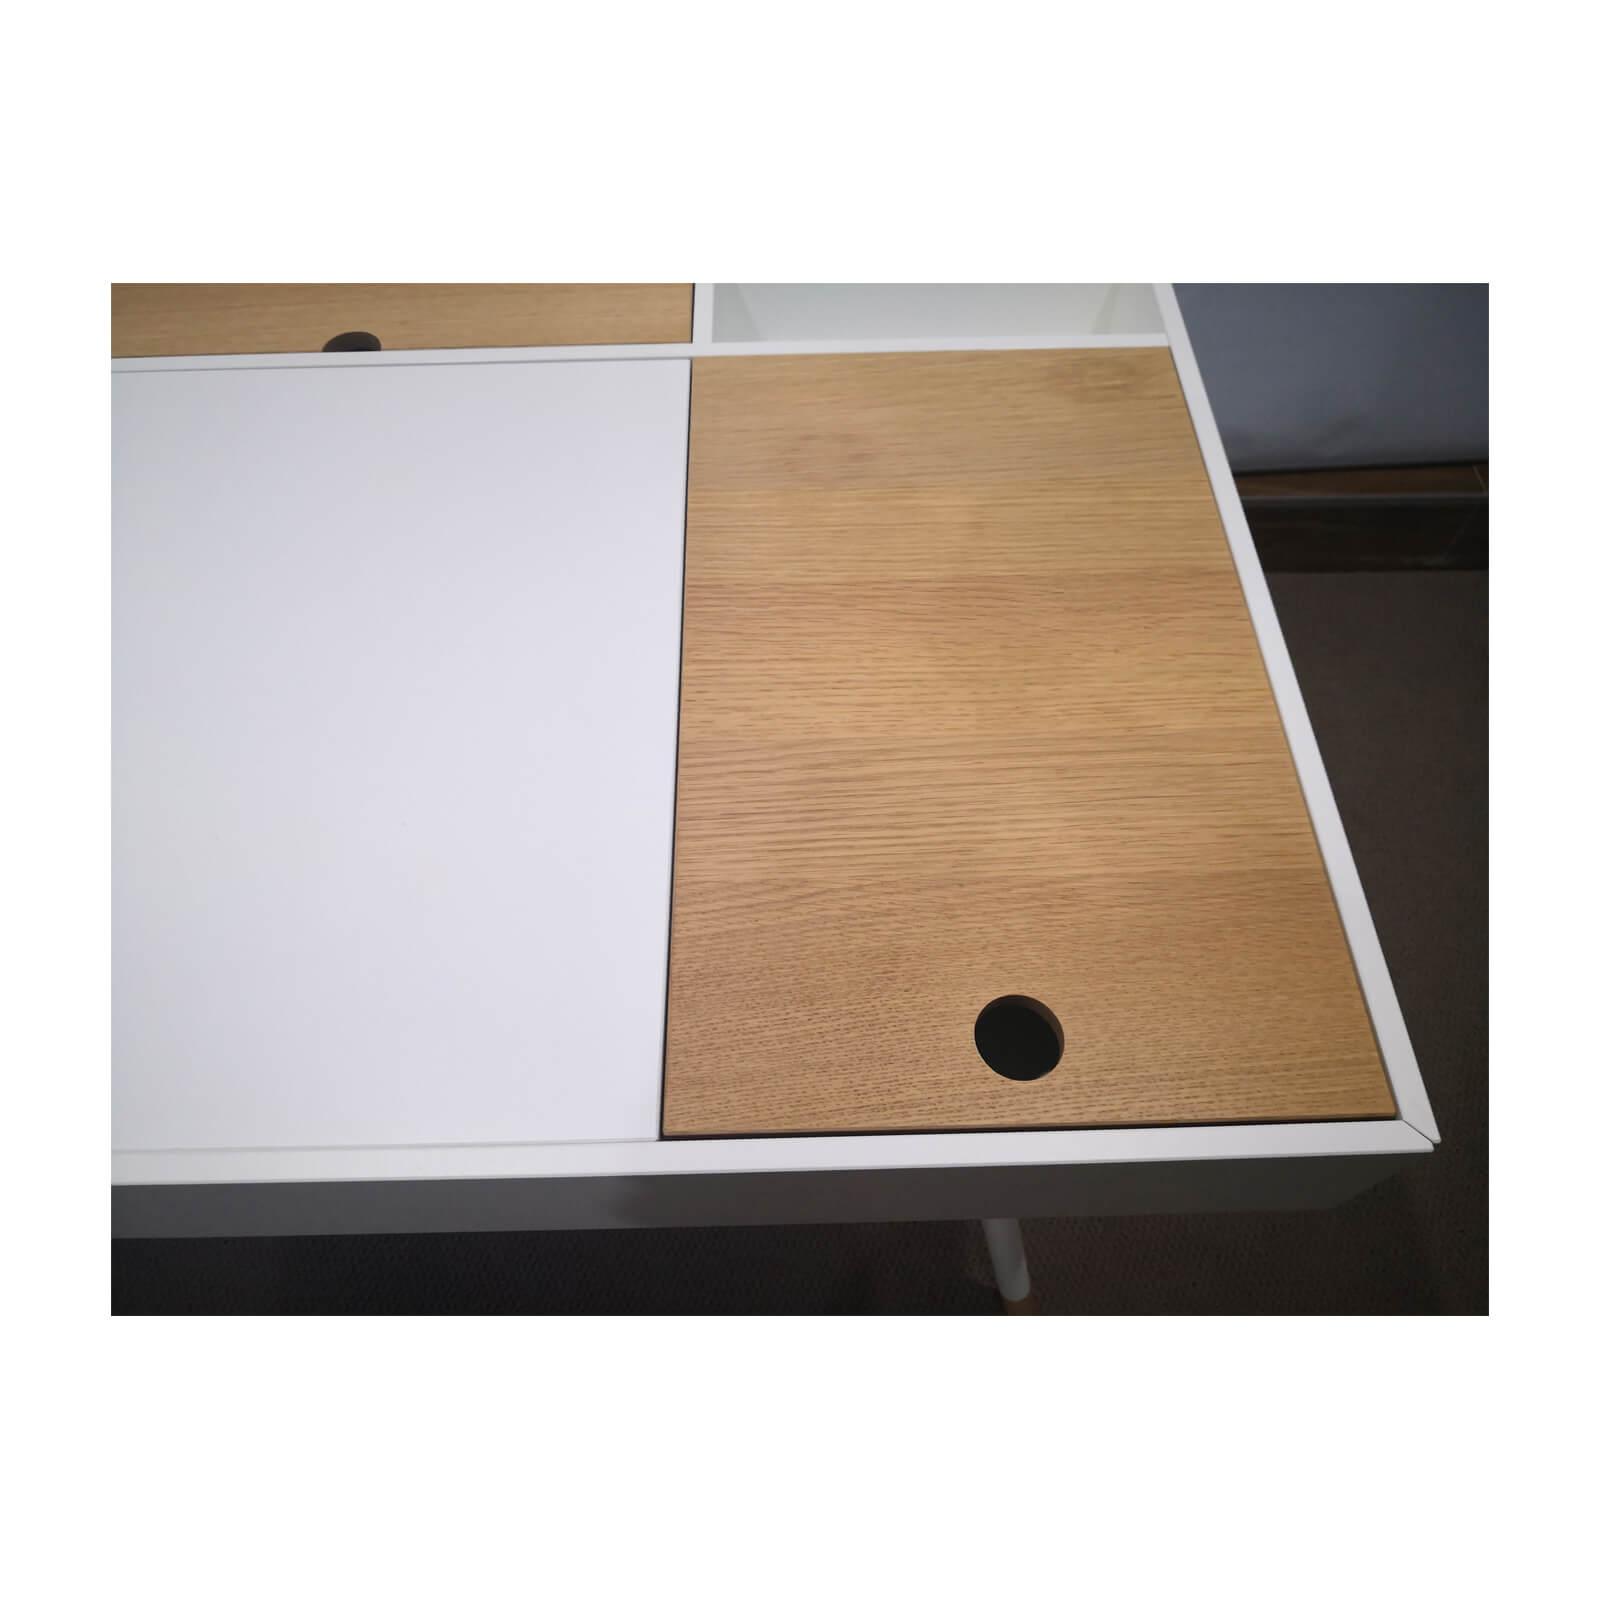 Two Design Lovers Bo Concept desk detail